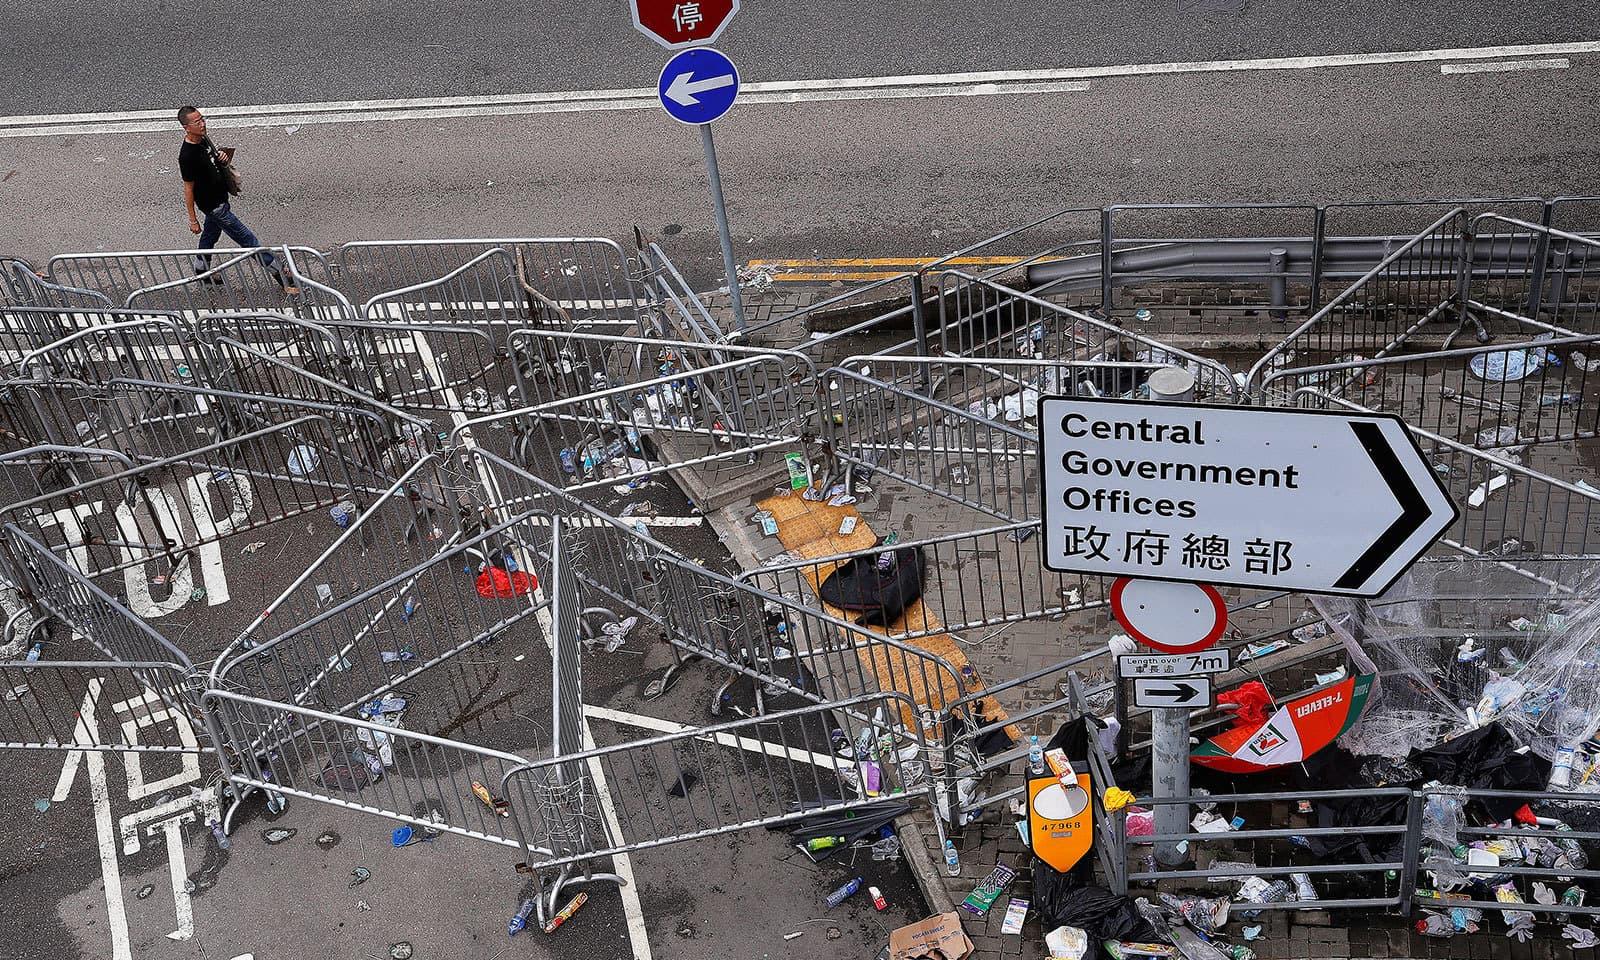 ہانک کانگ میں سرکاری دفاتر جانے والے راستوں کو بھی بند کردیا گیا — فوٹو: رائٹرز